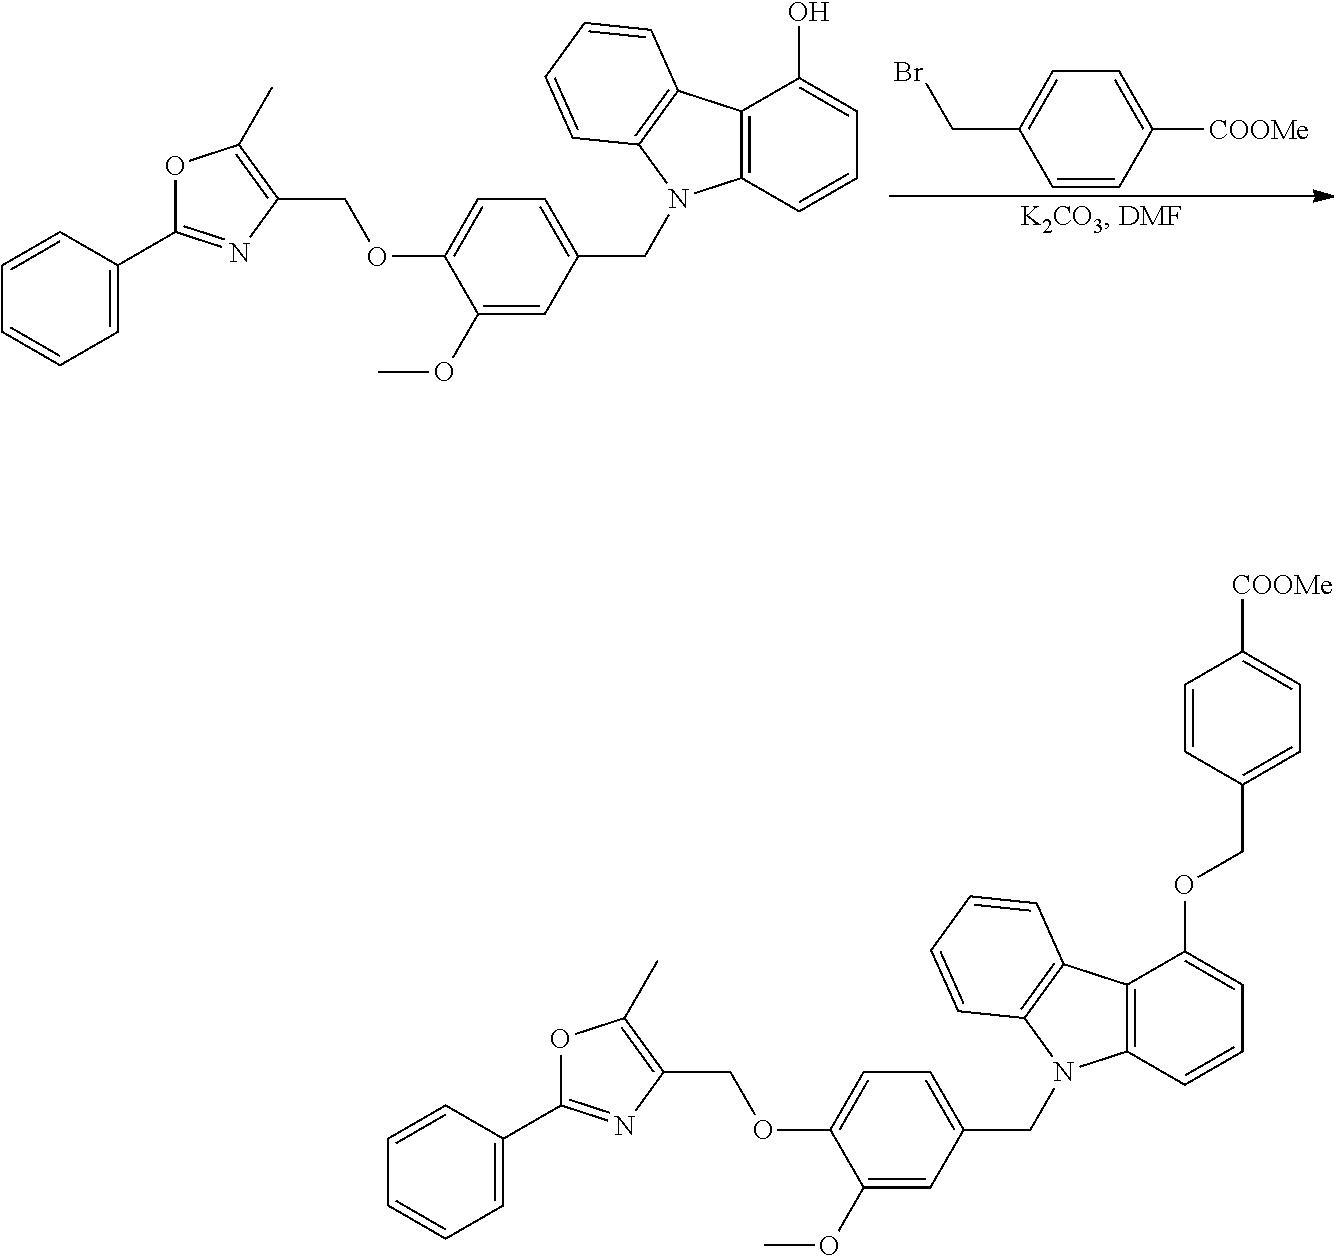 Figure US08329913-20121211-C00098